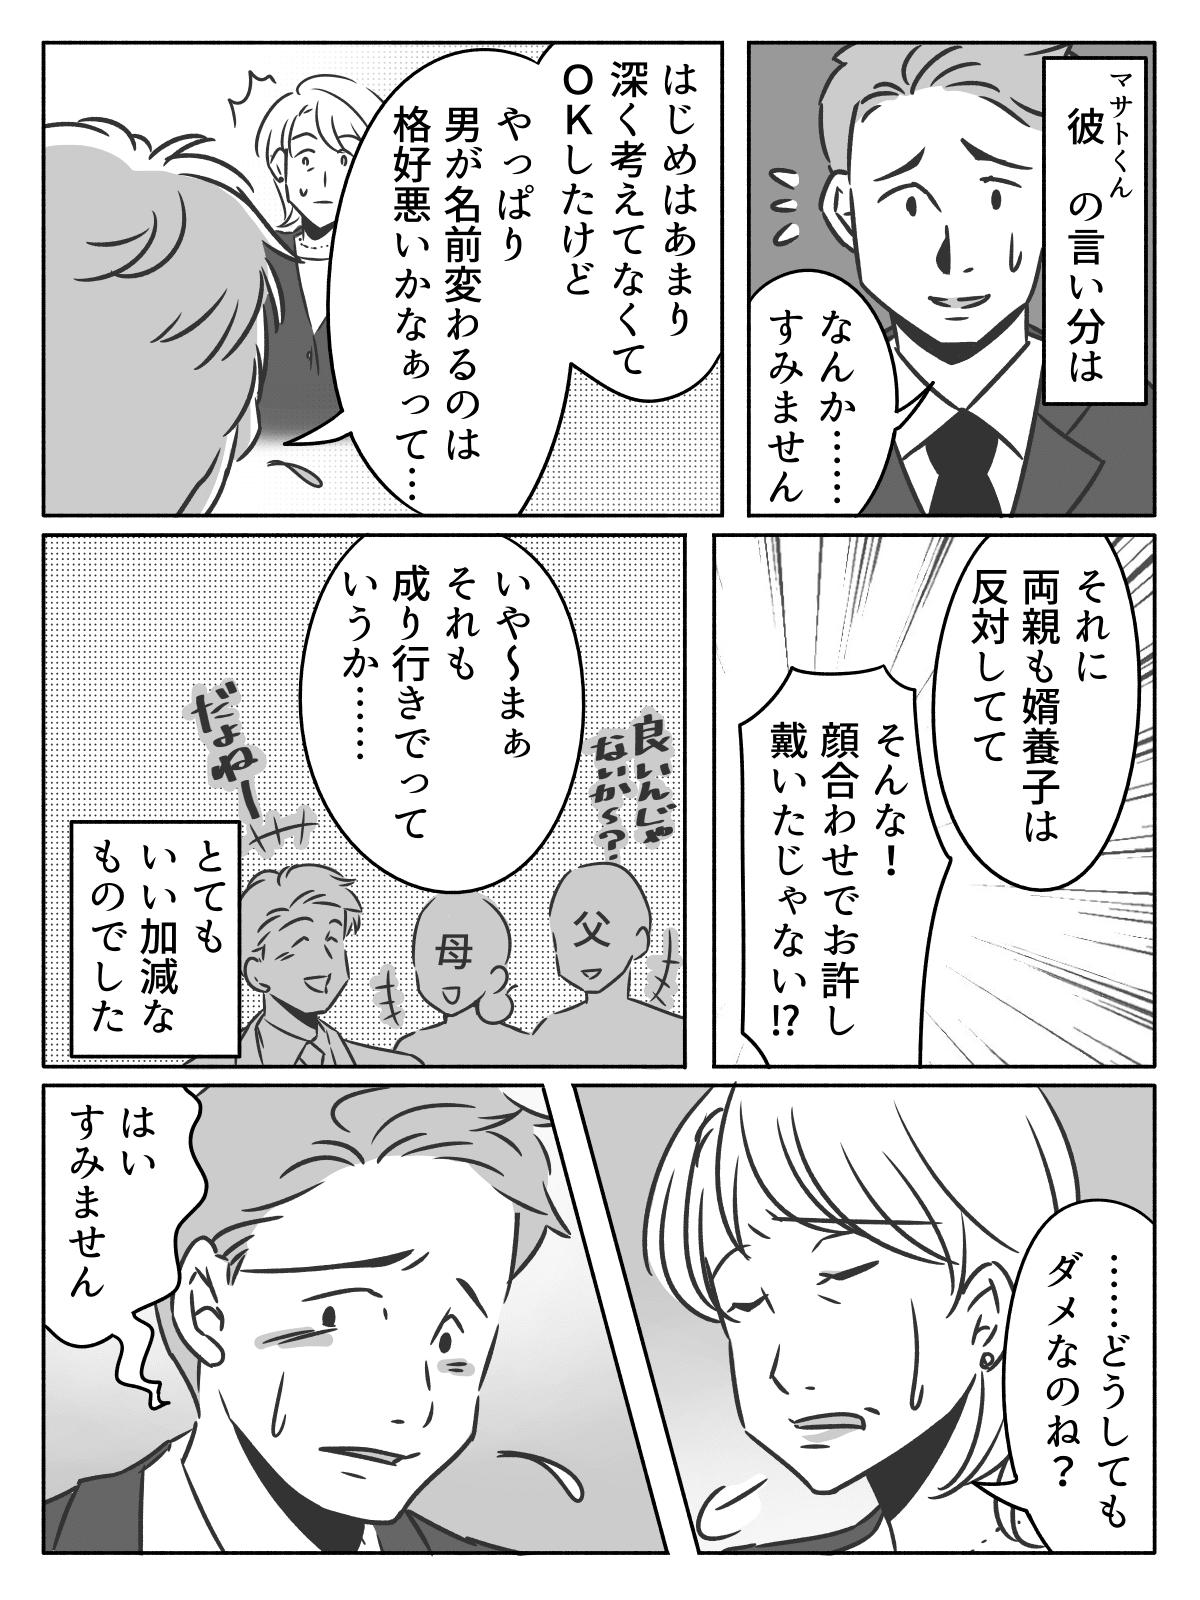 まんが【中編】「女はダメ」!?後継者問題